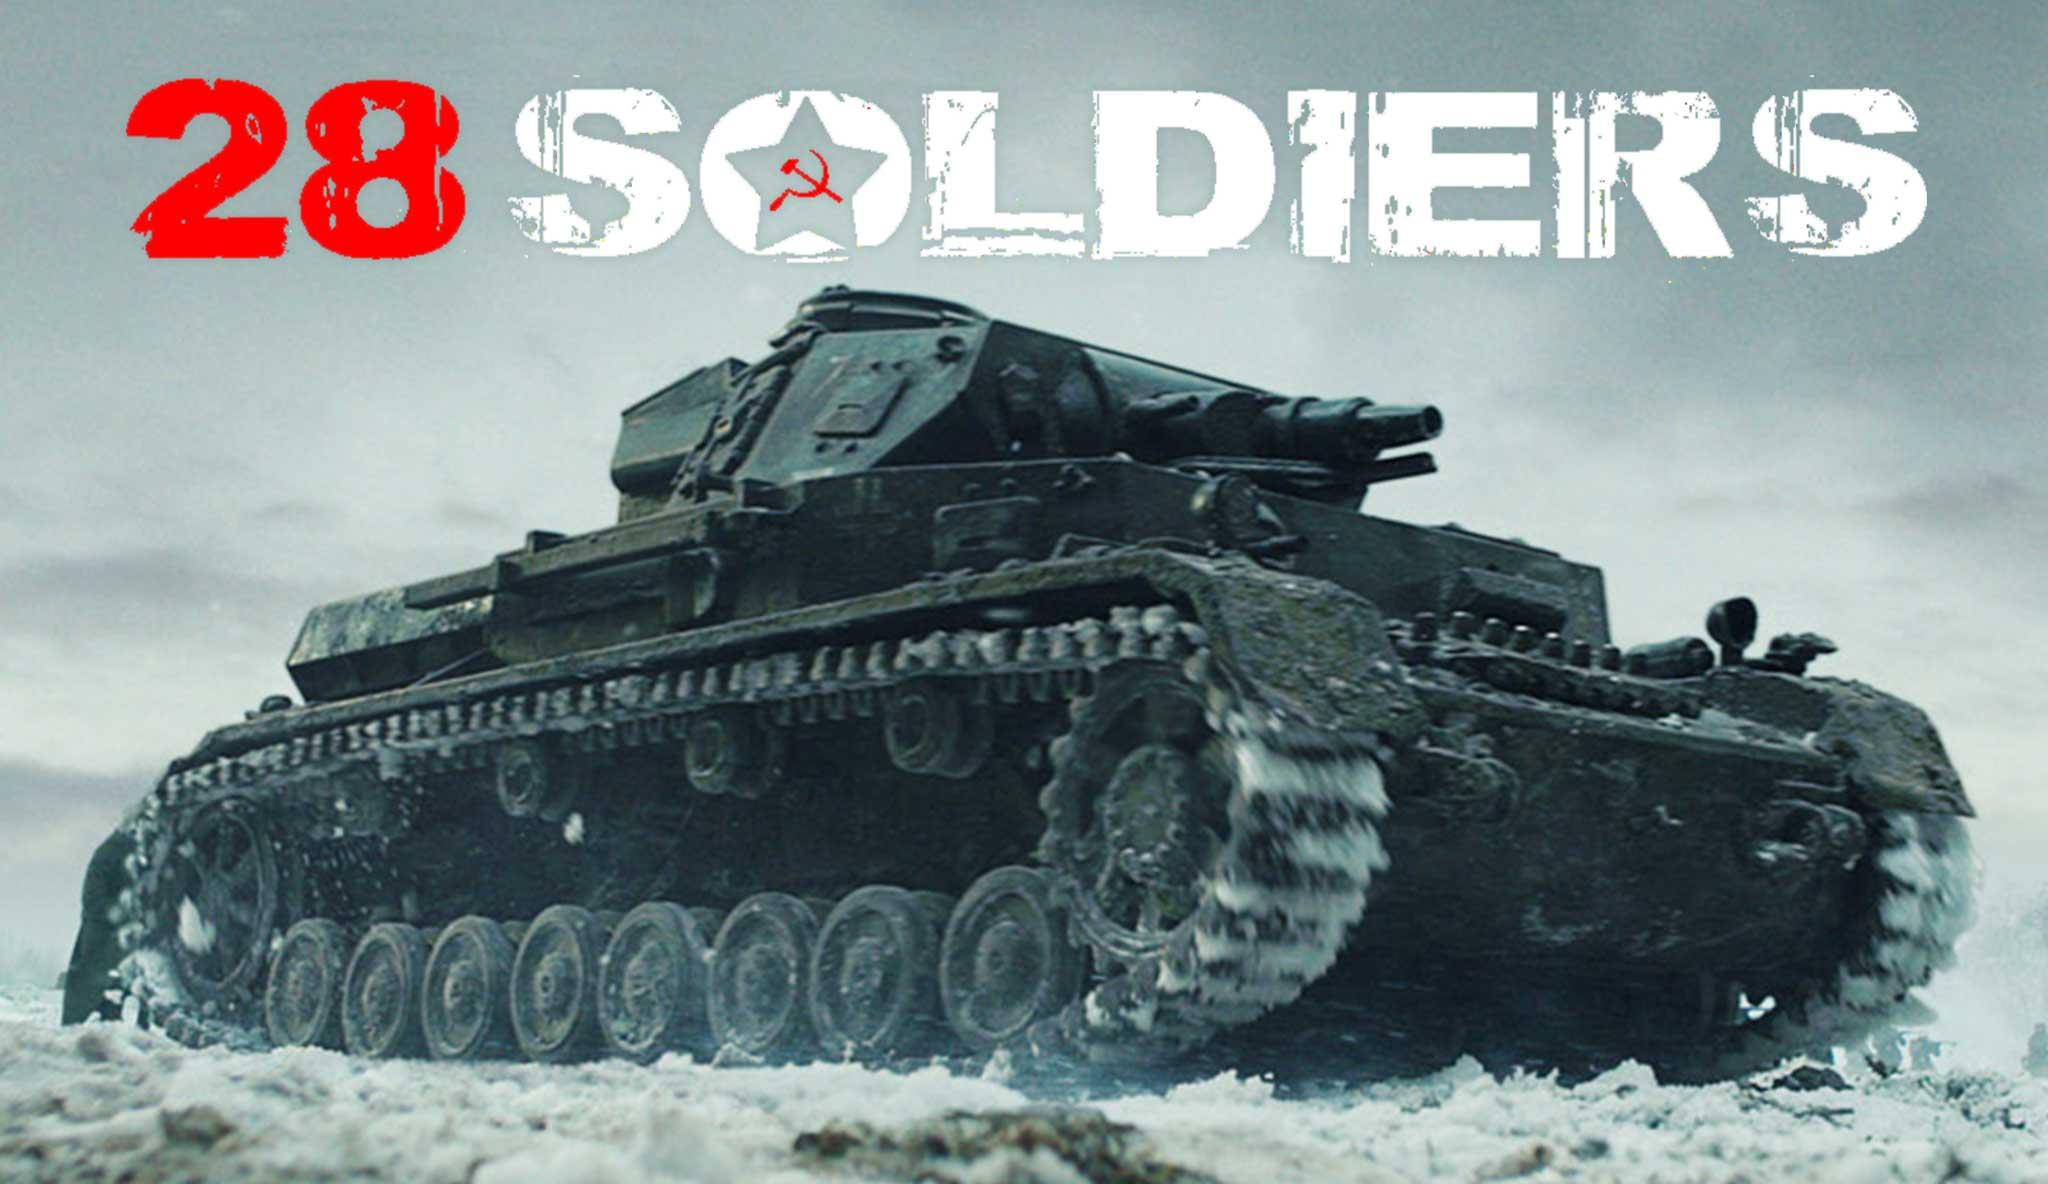 28-soldiers-die-panzerschlacht\header.jpg